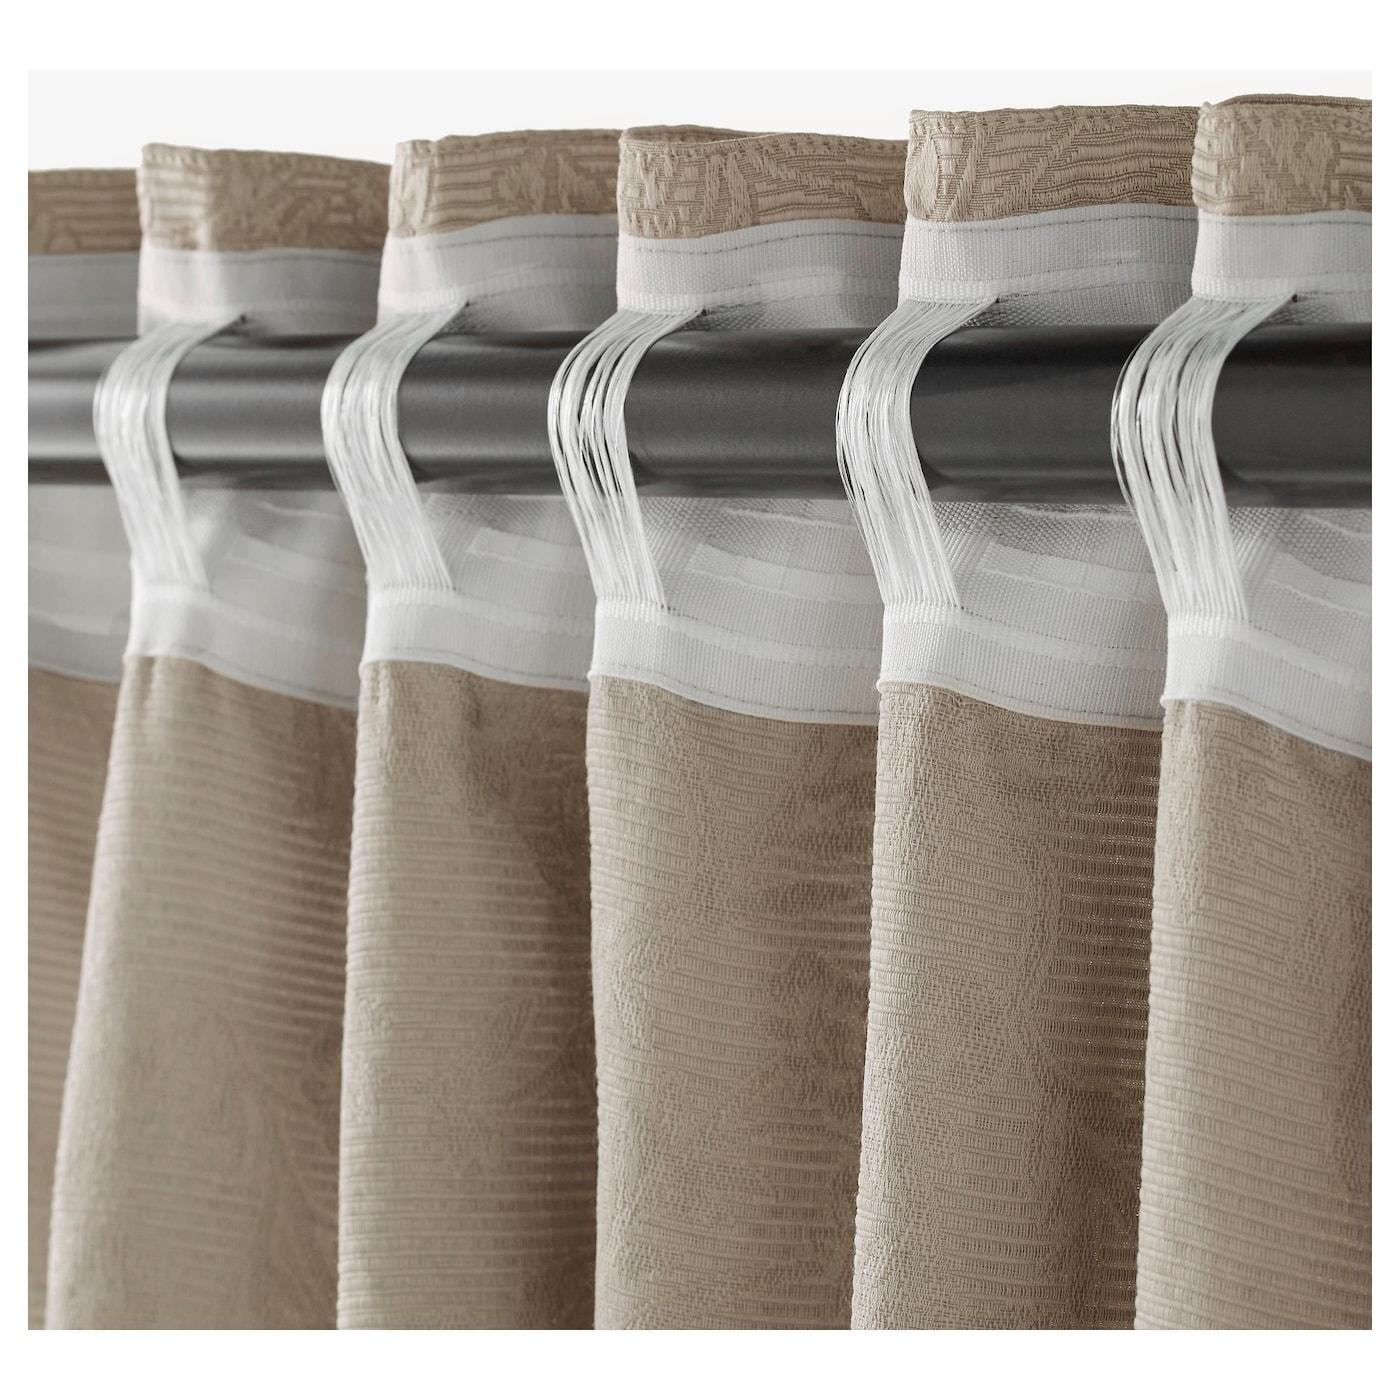 blekviva gordijnen met embrasse 1 paar beige 145x300 cm ikea. Black Bedroom Furniture Sets. Home Design Ideas